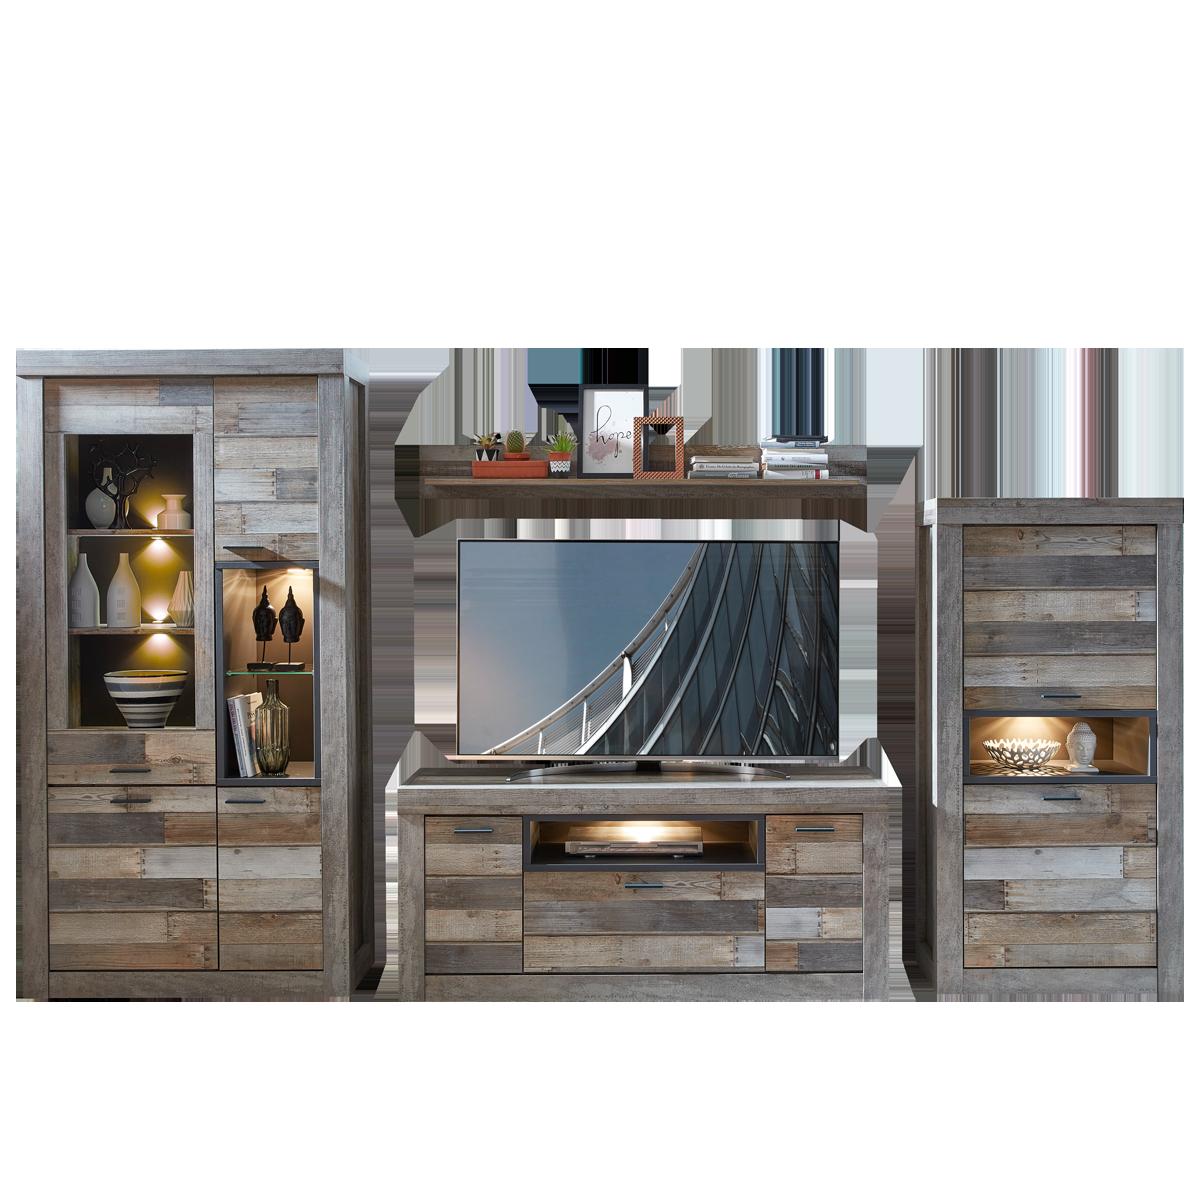 Wohn Concept Santa Fe Wohnwand 40 83 Dd 81 Moderne Vierteilige Wohnkombination Im Industrial Look Und Used Look Mit Vitrine Lowboard Stauraumelement